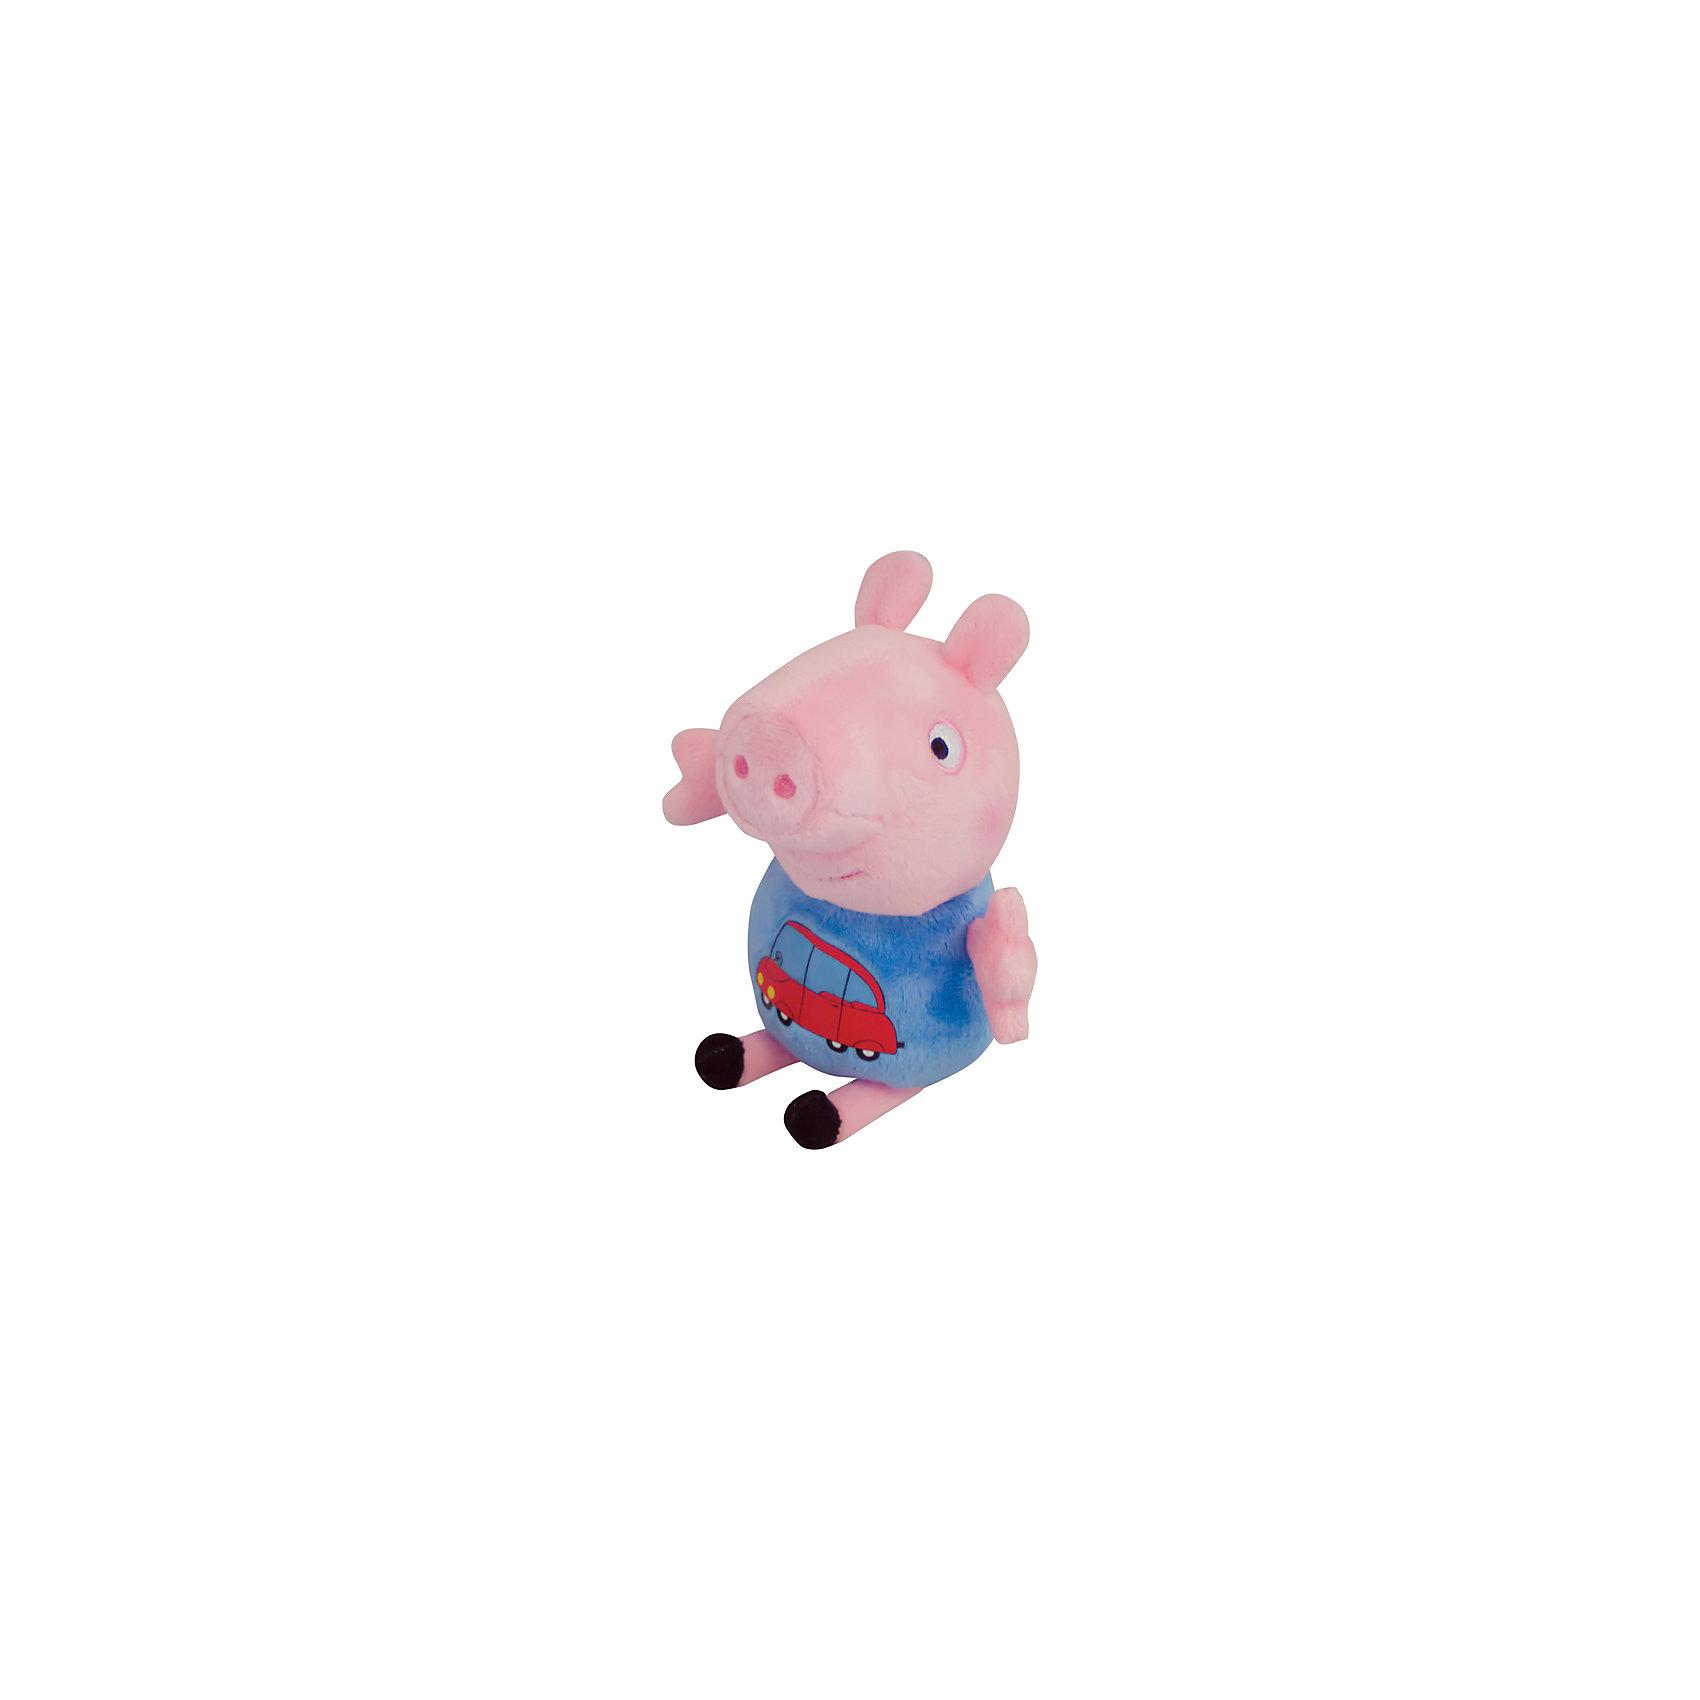 Мягкая ирушка Джордж с машинкой, 18 см, Свинка ПеппаЛюбимые герои<br>Джордж с машинкой, Свинка Пеппа - чудесная мягкая игрушка, которая обязательно порадует Вашего малыша. Маленький братик свинки Пеппы такой же милый и забавный как и его сестренка из популярного детского мультсериала Свинка Пеппа (Peppa Pig). Игрушка выполнена из мягкой и нежной велюровой ткани и очень похожа на свой оригинал из мультика. Глазки, носик и ротик Джорджа выполнены в виде плотной вышивки, а его пижамка украшена яркой аппликацией в виде машинки. Собрав вместе других персонажей из серии Peppa Pig можно придумать множество веселых игр, которые будут развивать воображение и навыки общения.<br><br>Дополнительная информация:<br><br>- Материал: велюр, наполнитель<br>- Высота игрушки: 18 см.<br>- Размер упаковки: 9 x 8 x 18 см. <br>- Вес: 60 гр.<br><br>Мягкую игрушку Джордж с машинкой, 18 см., Свинка Пеппа, можно купить в нашем интернет-магазине.<br><br>Ширина мм: 90<br>Глубина мм: 80<br>Высота мм: 180<br>Вес г: 60<br>Возраст от месяцев: 36<br>Возраст до месяцев: 72<br>Пол: Унисекс<br>Возраст: Детский<br>SKU: 4330042